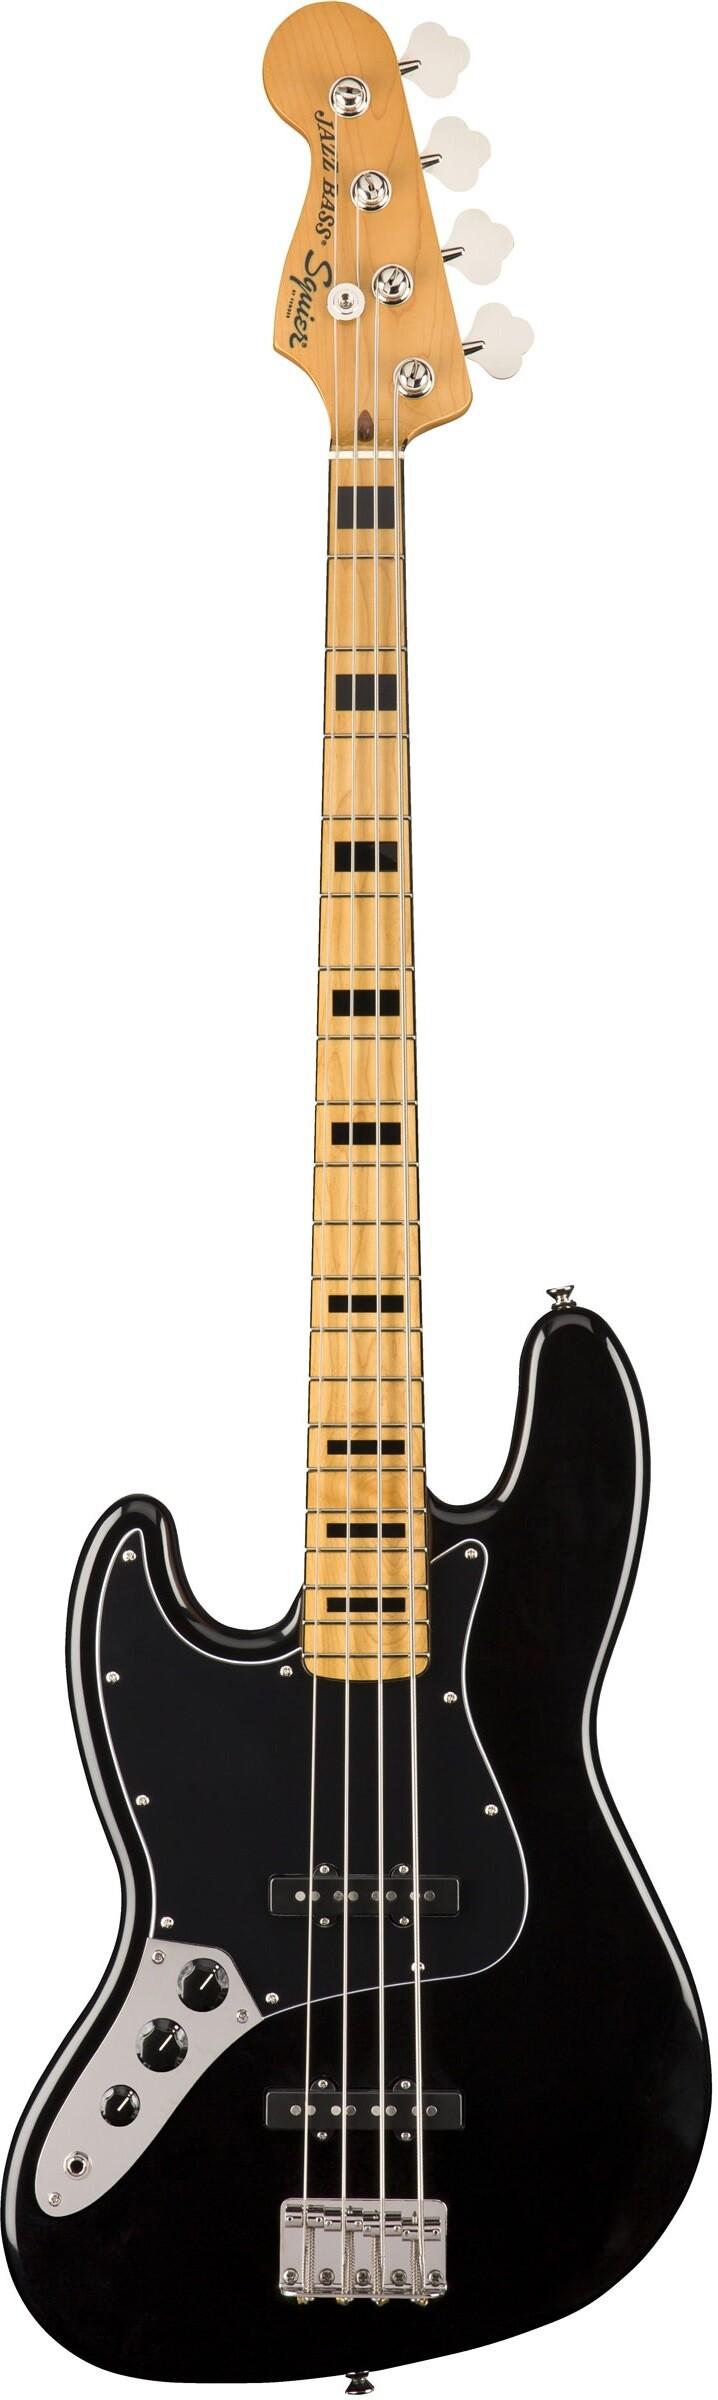 Бас-гитара Fender Squier SQ CV 70s Jazz Bass LH MN BLK